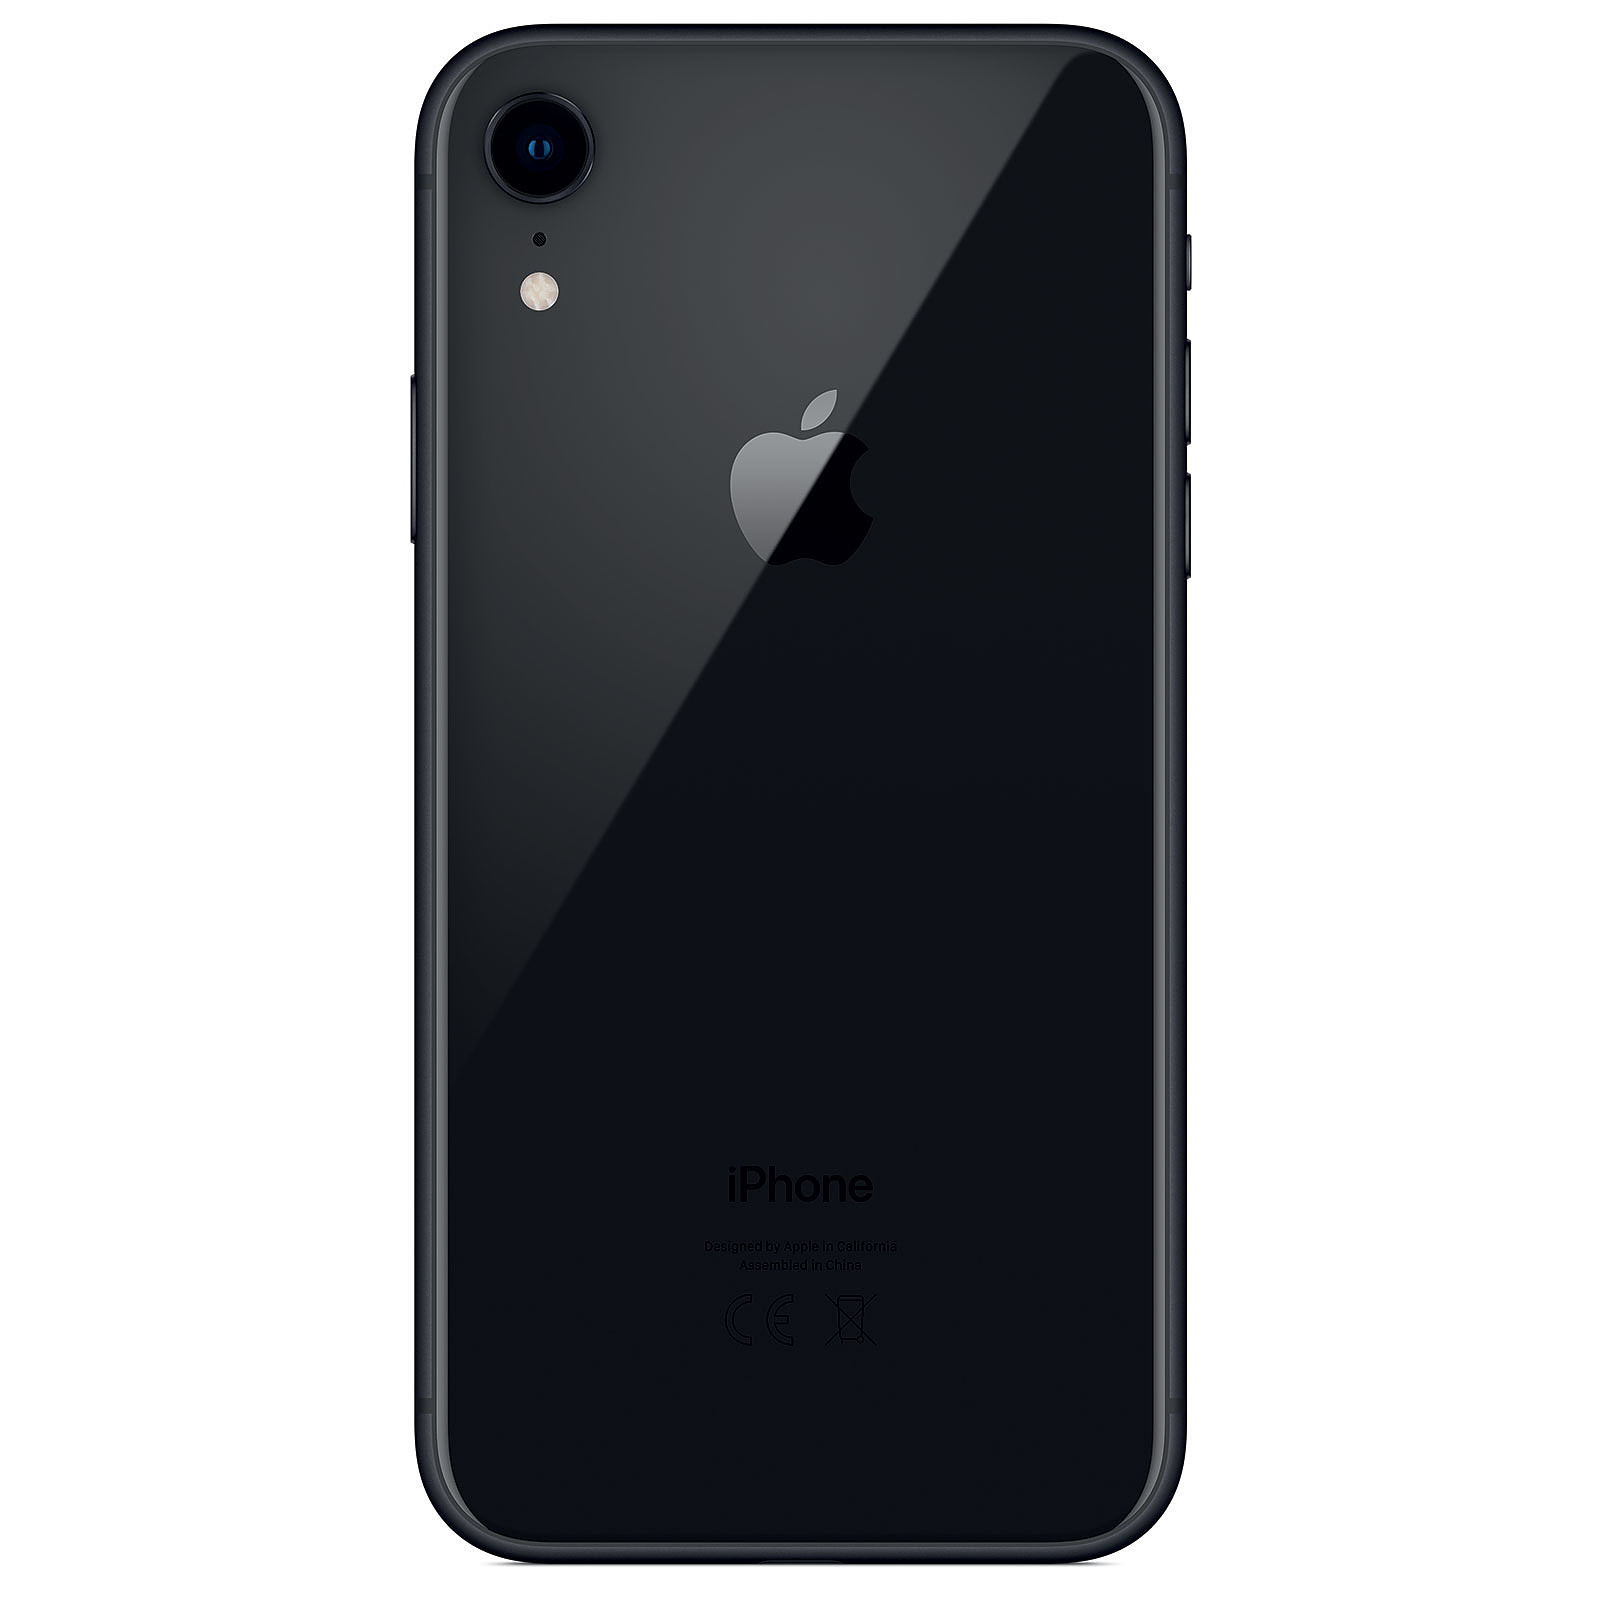 apple iphone xr 64 go noir mobile smartphone apple sur. Black Bedroom Furniture Sets. Home Design Ideas